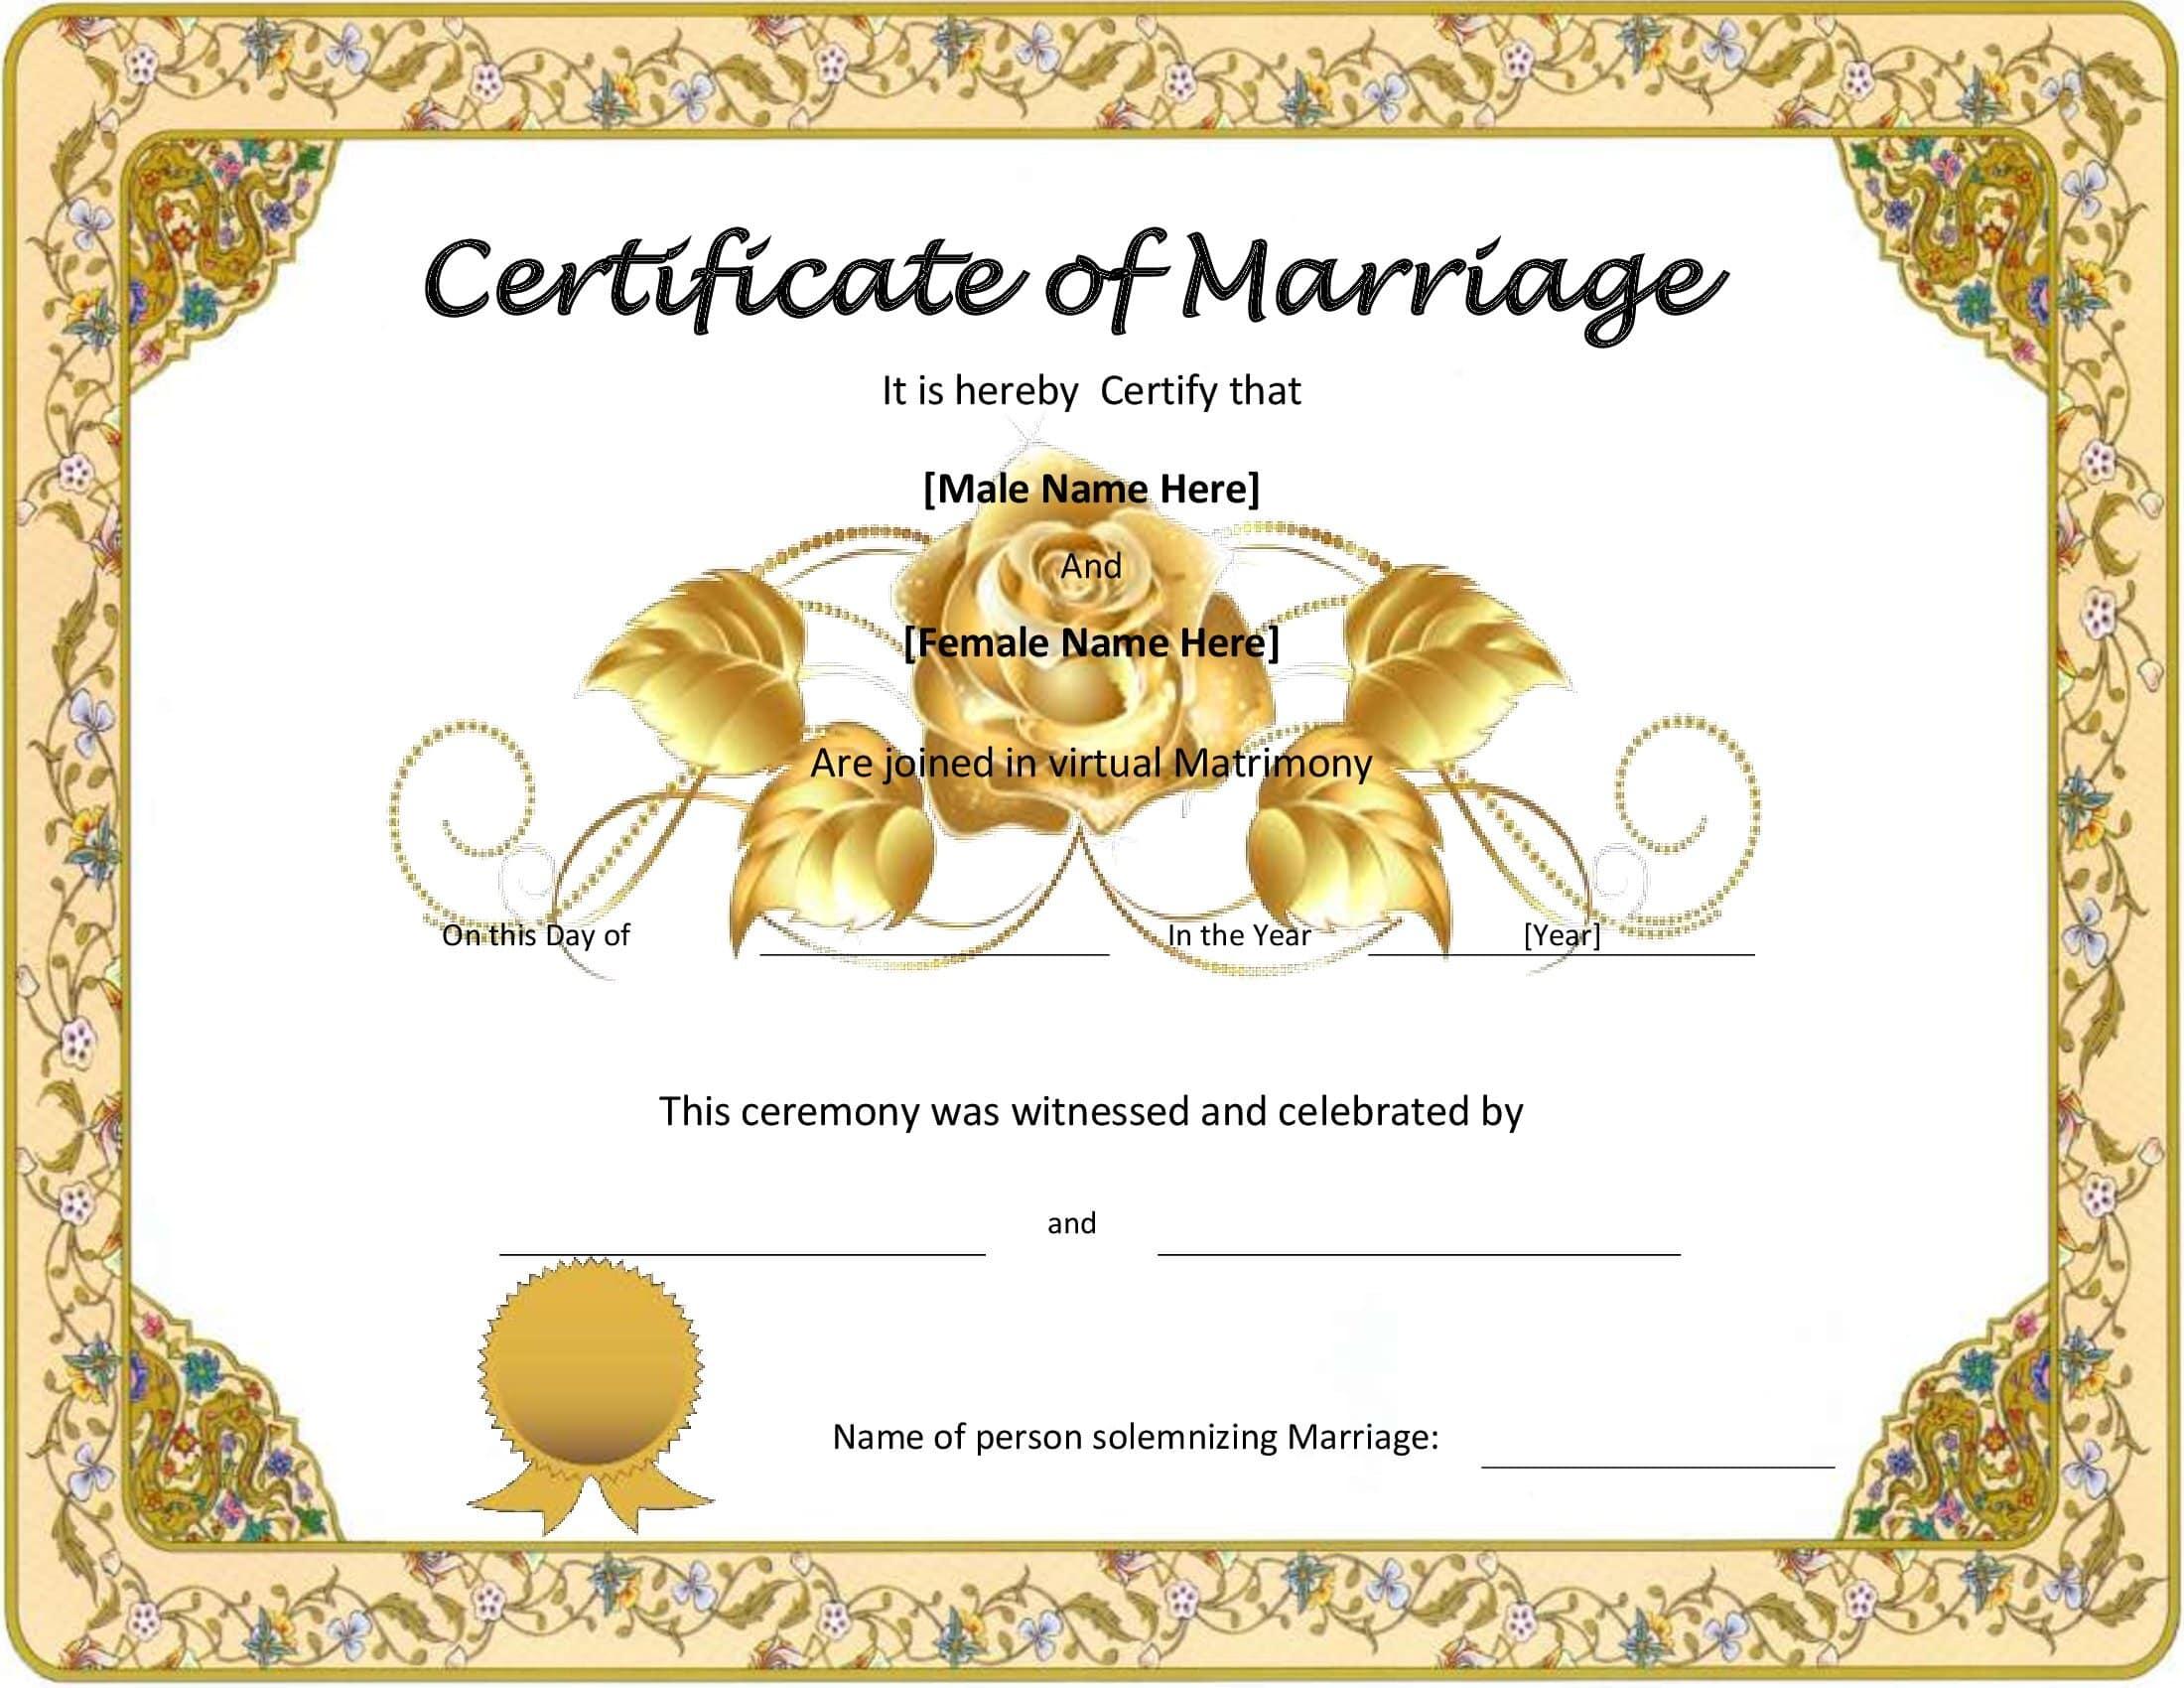 Certidão De Casamento Preenchida Exemplo